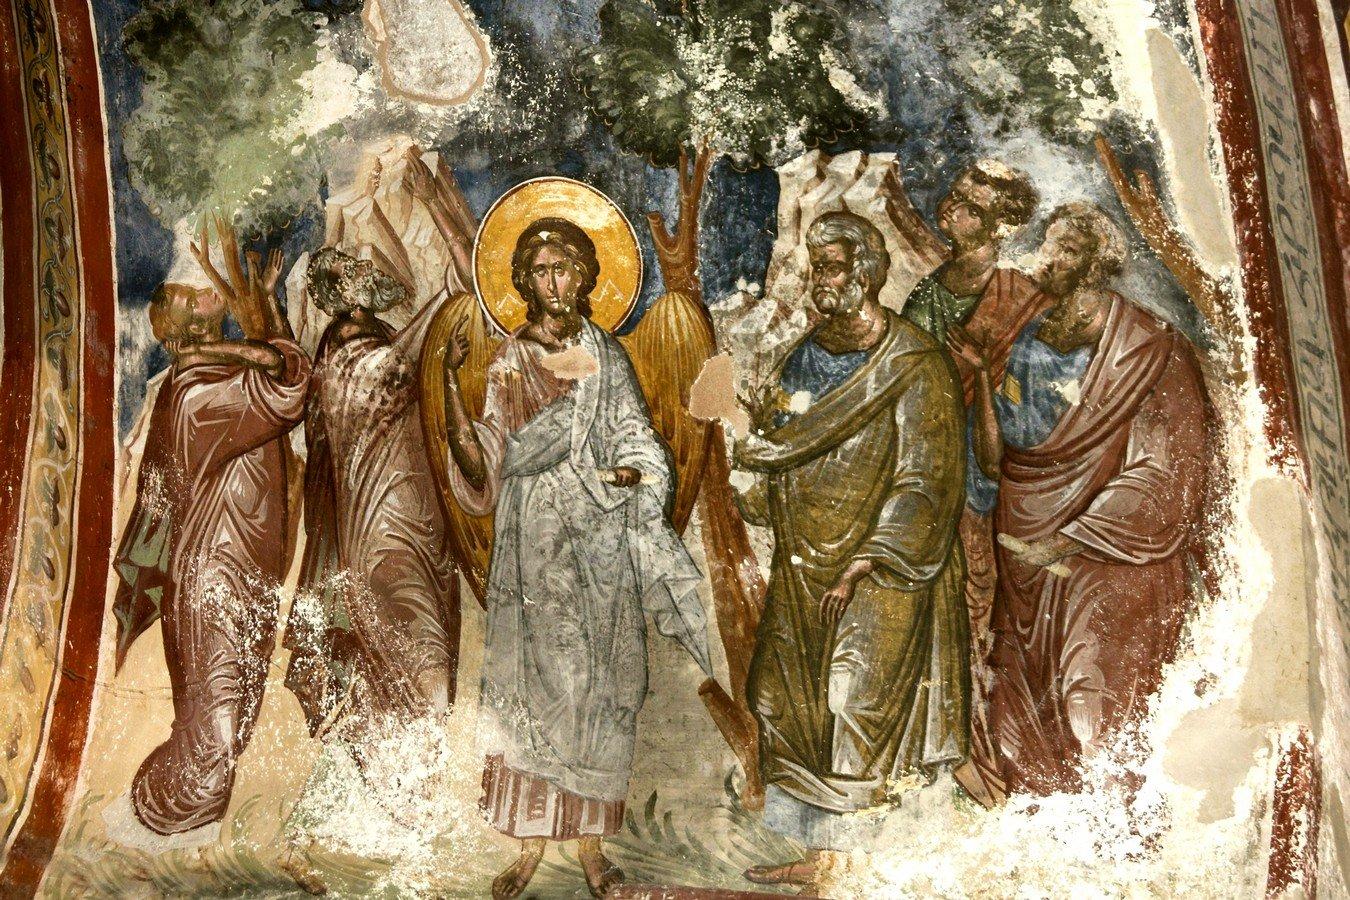 Вознесение Господне. Фреска церкви Святого Георгия в монастыре Гелати, Грузия. 1561 - 1578 годы. Фрагмент.